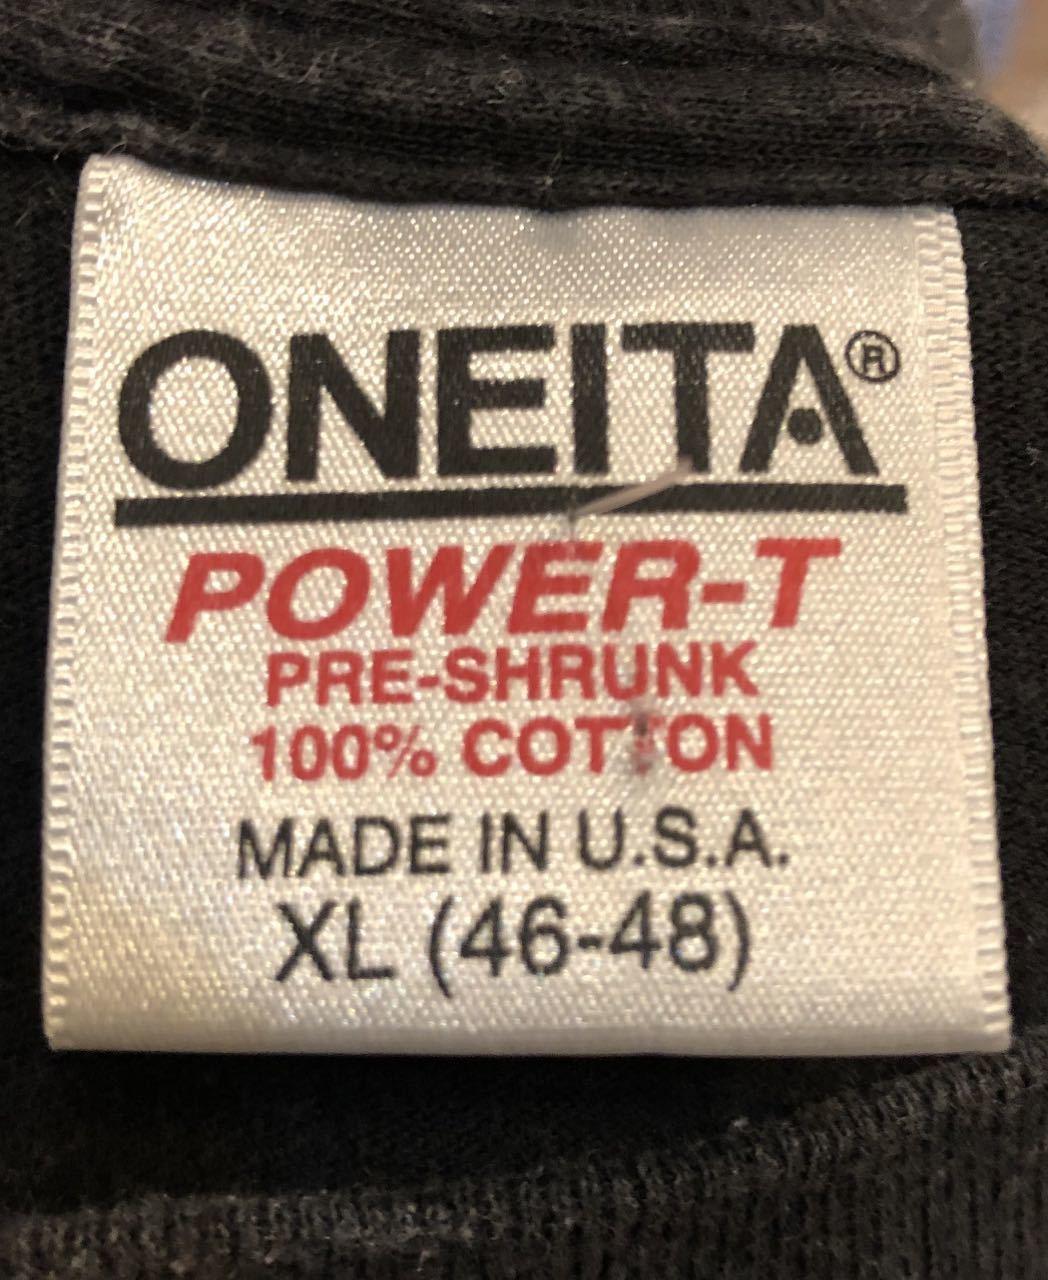 7月8日(月)入荷! 90s SEDONA 刺繍 Tシャツ! MADE IN U.S.A_c0144020_12533908.jpg